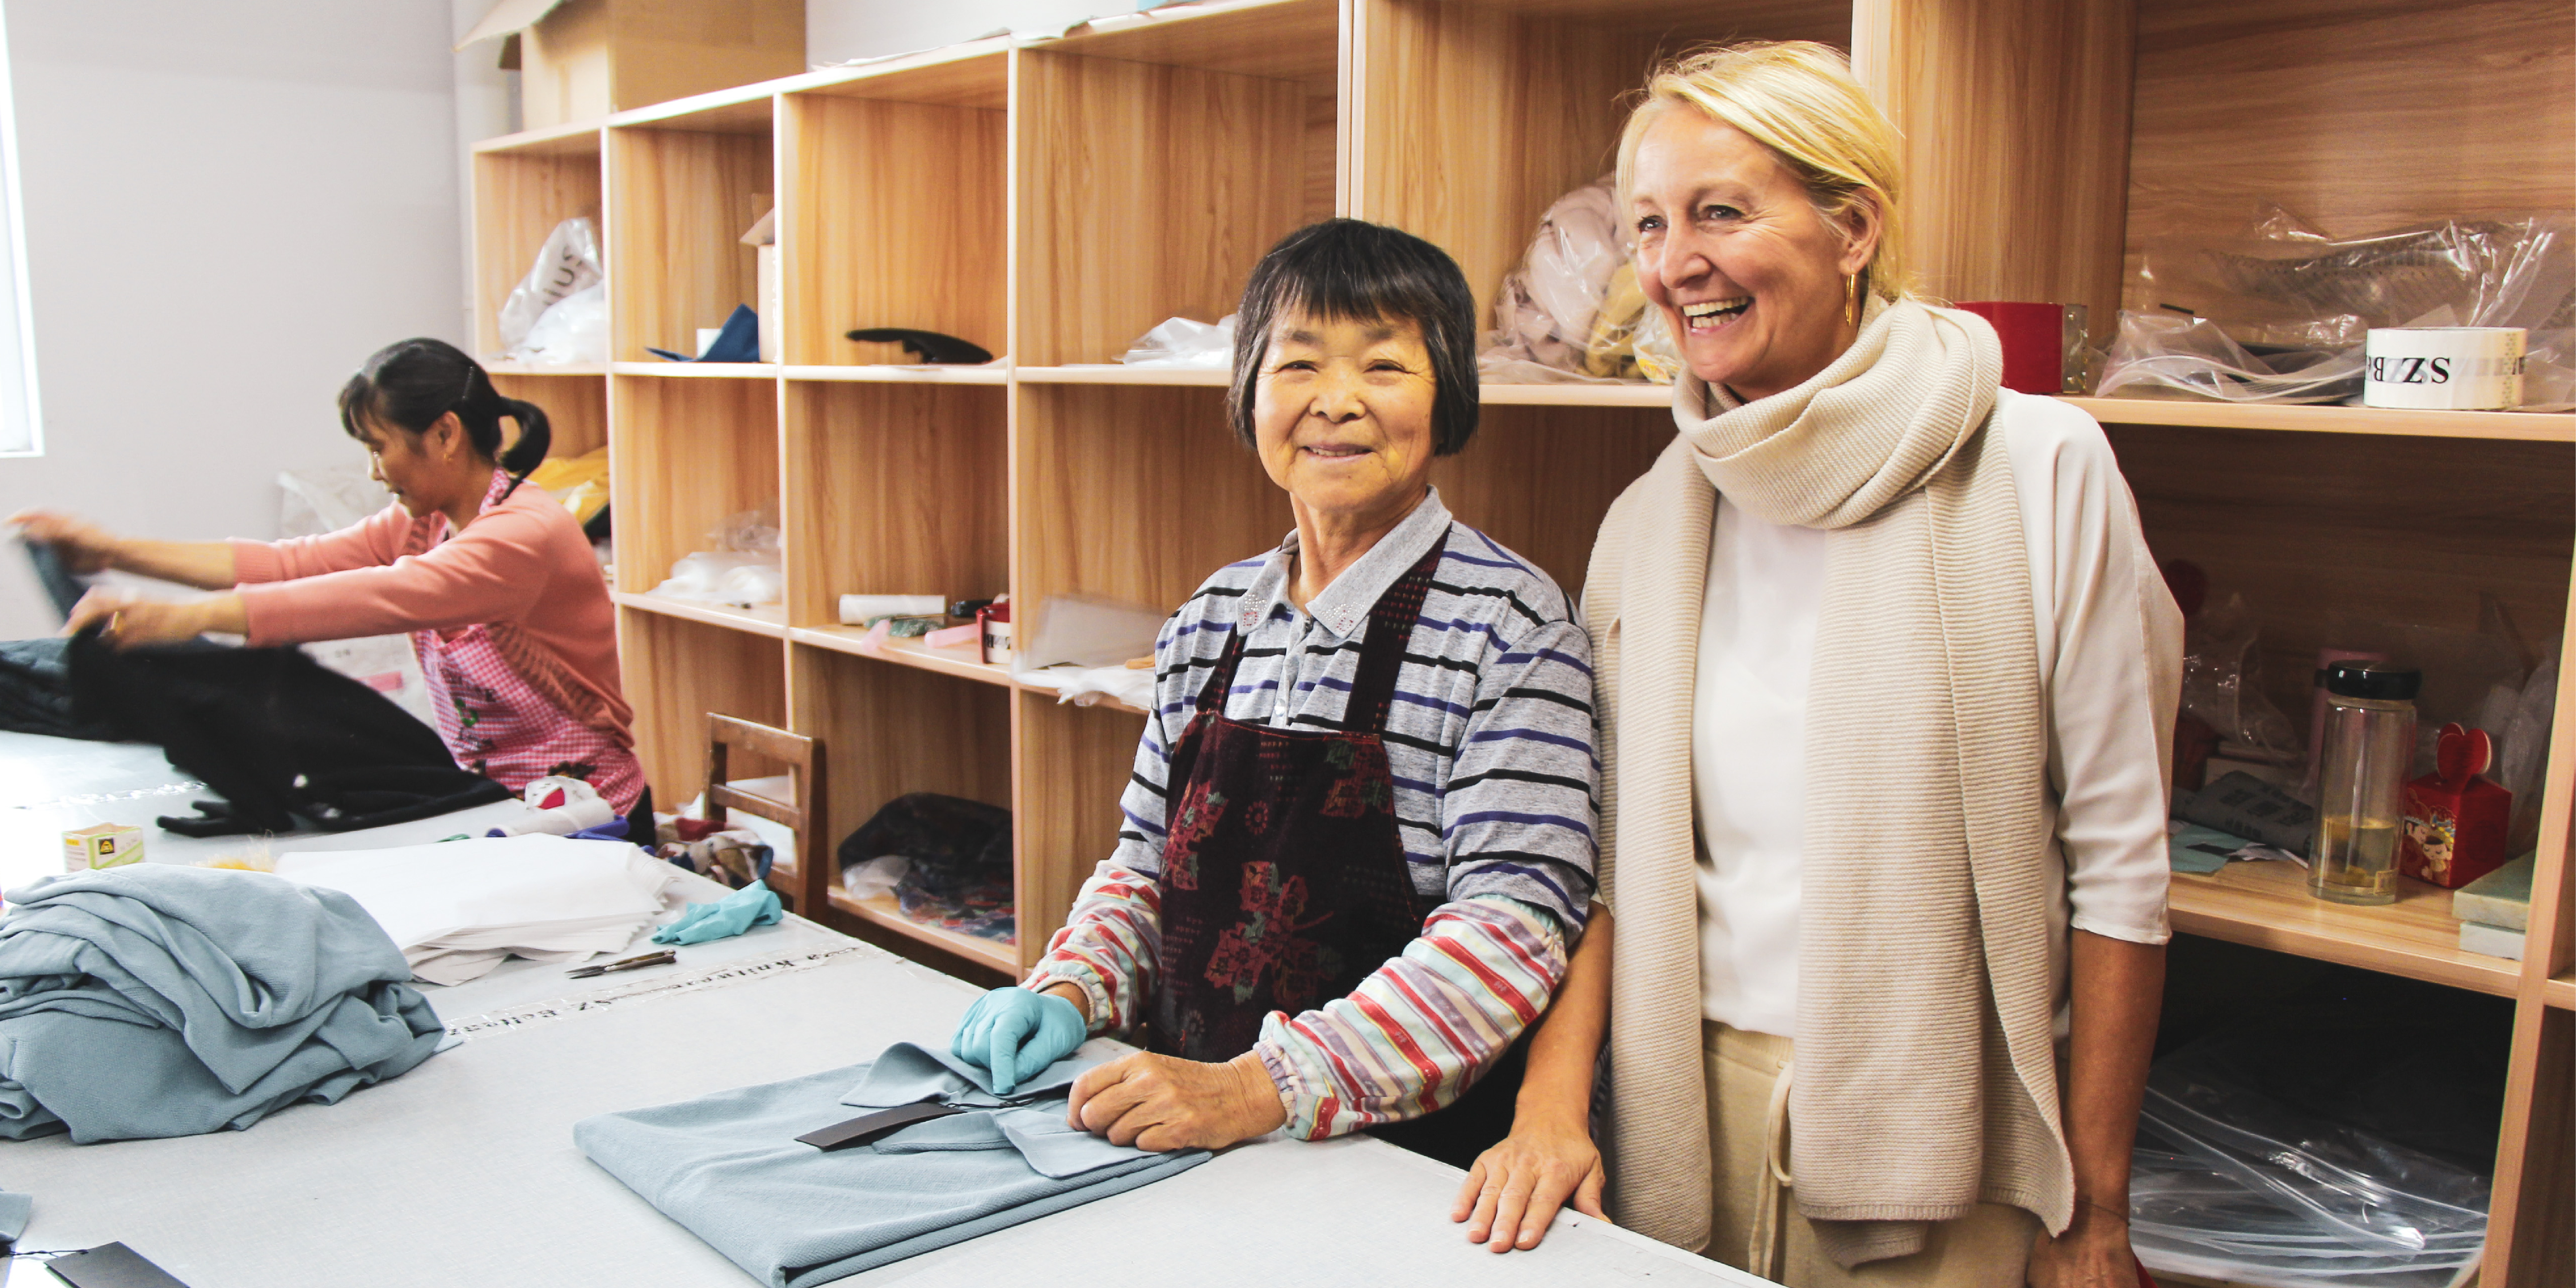 LANIUS_Made-in-China_9